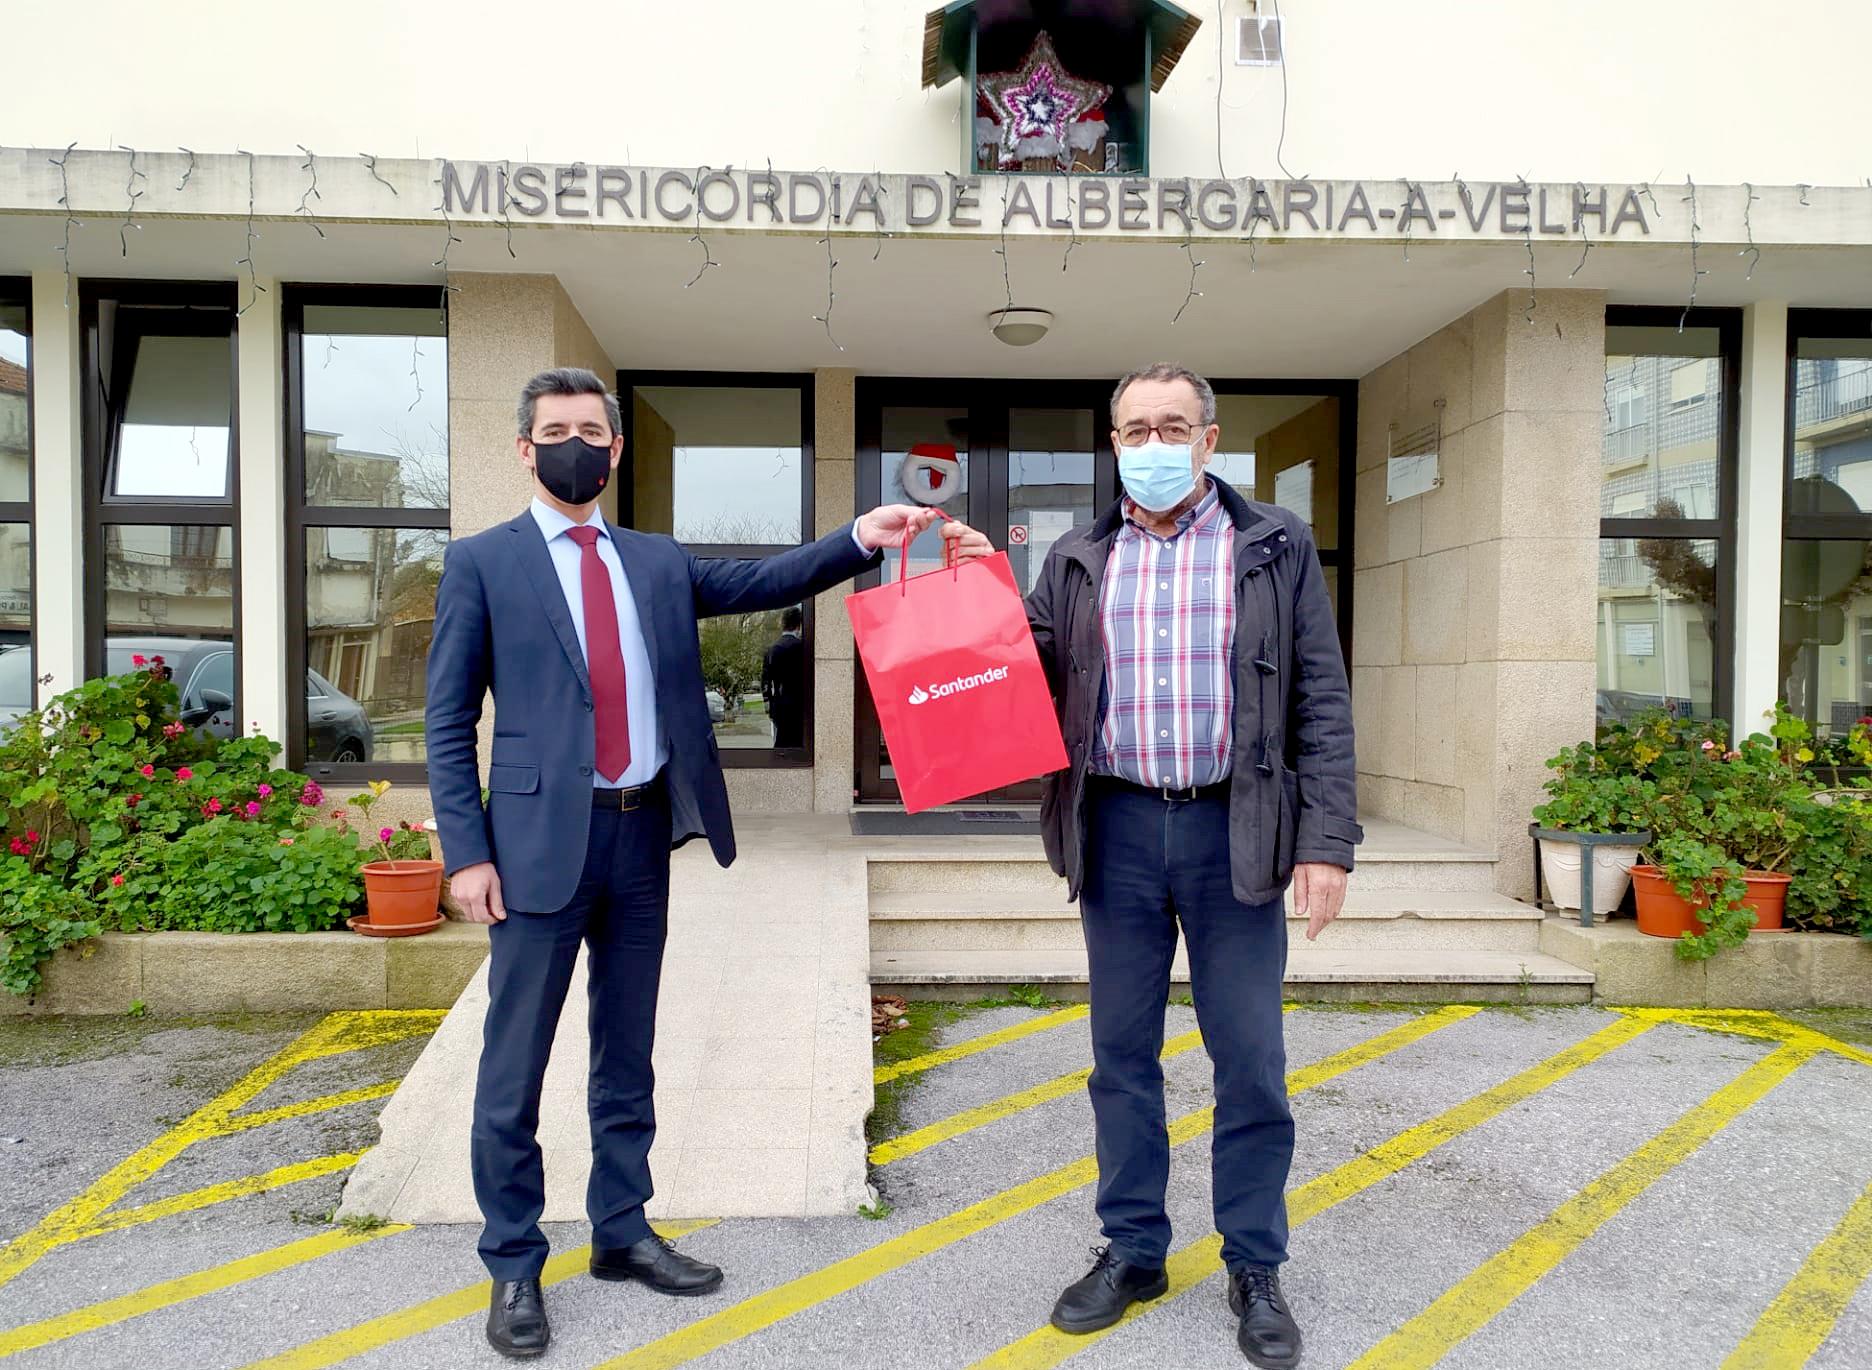 """Santander quer """"encurtar distância"""" entre utentes e famílias e oferece tablet à Irmandade da Misericórdia"""